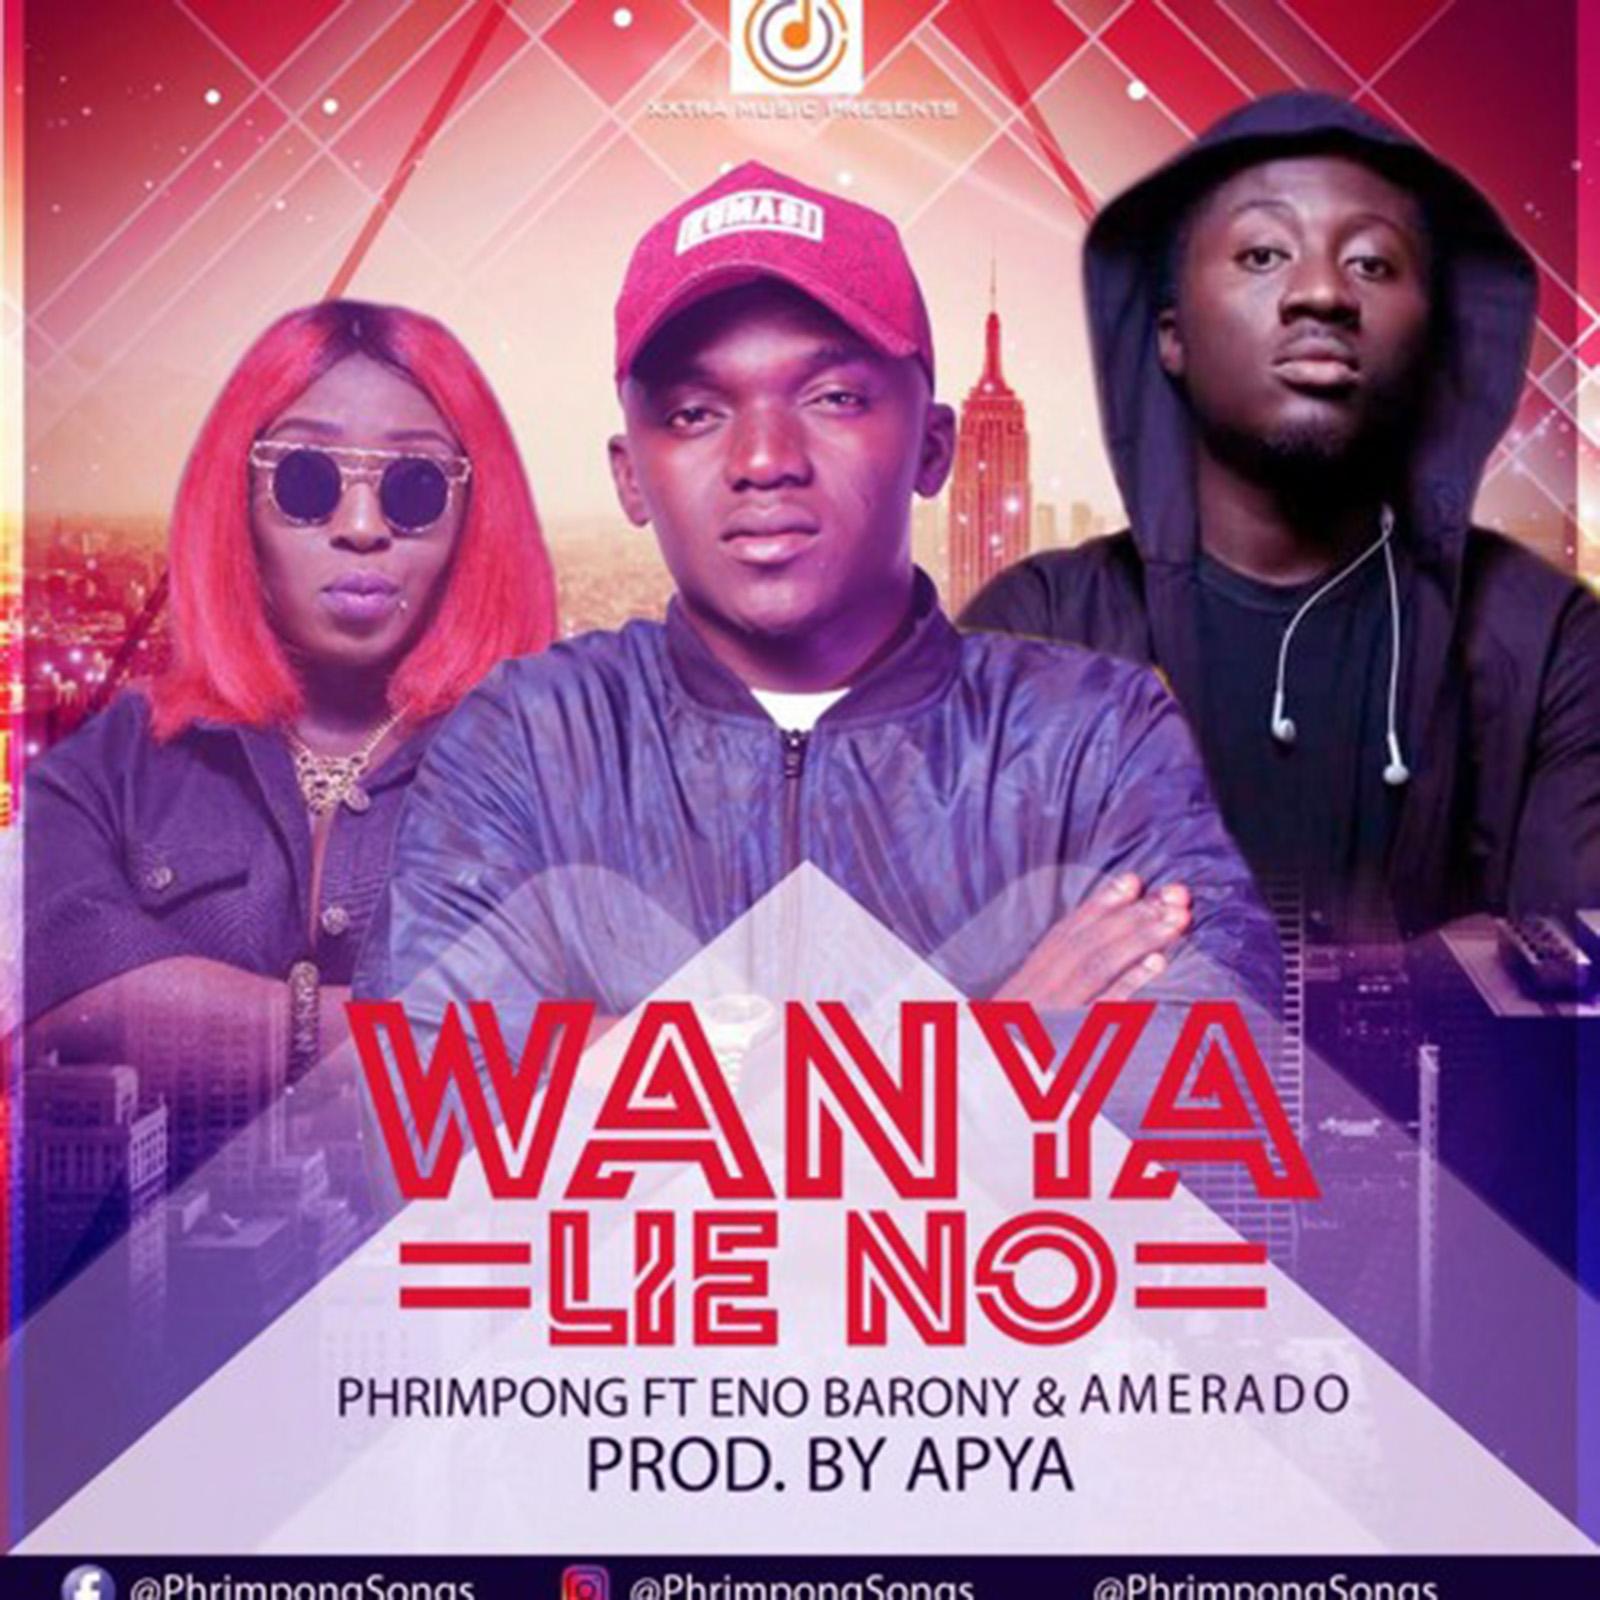 Wanya Lie No by Phrimpong feat. Eno Barony & Amerado